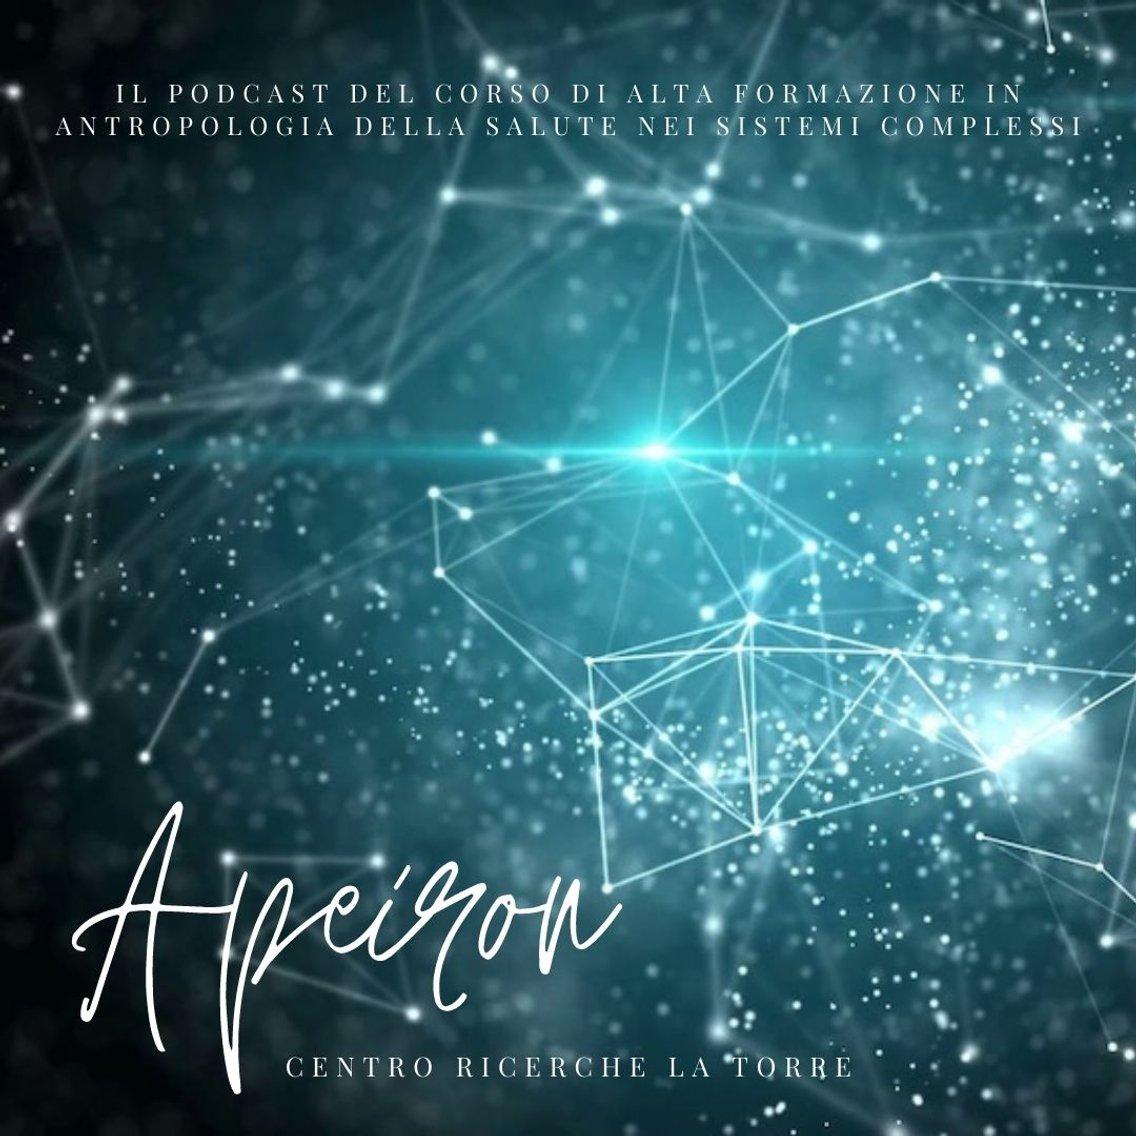 Apeiron - Cover Image